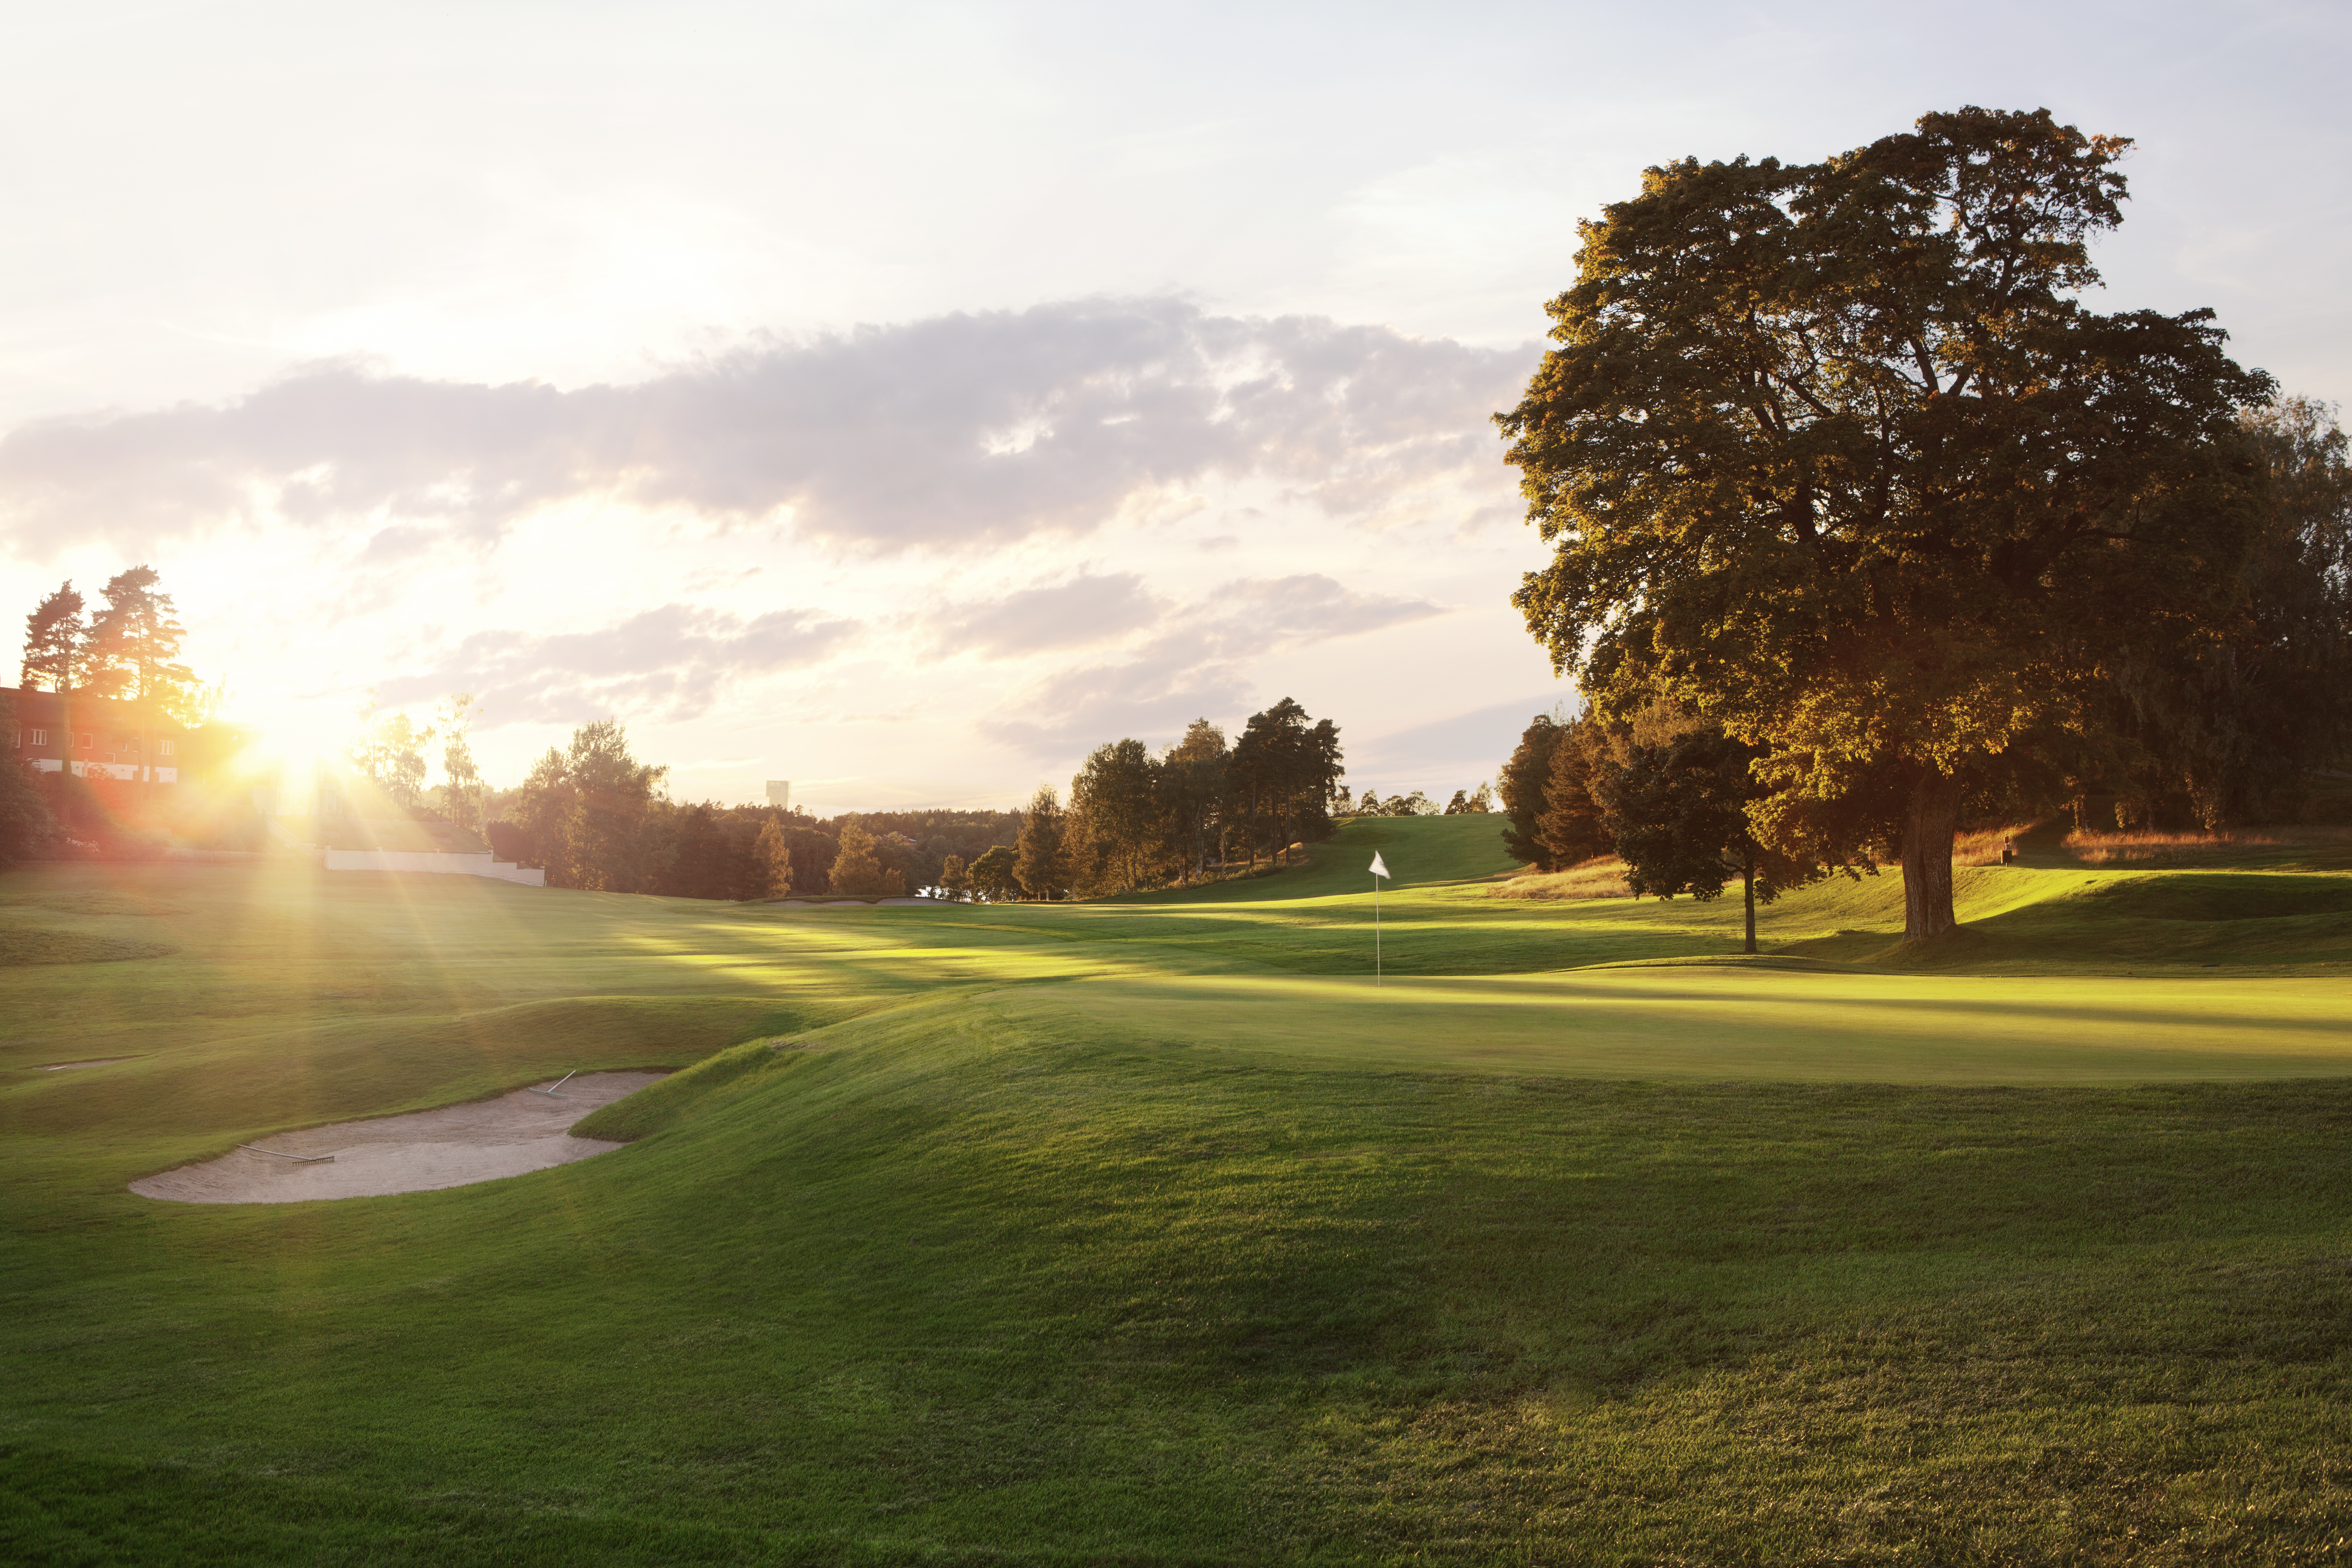 Golfbanan i solnedgången